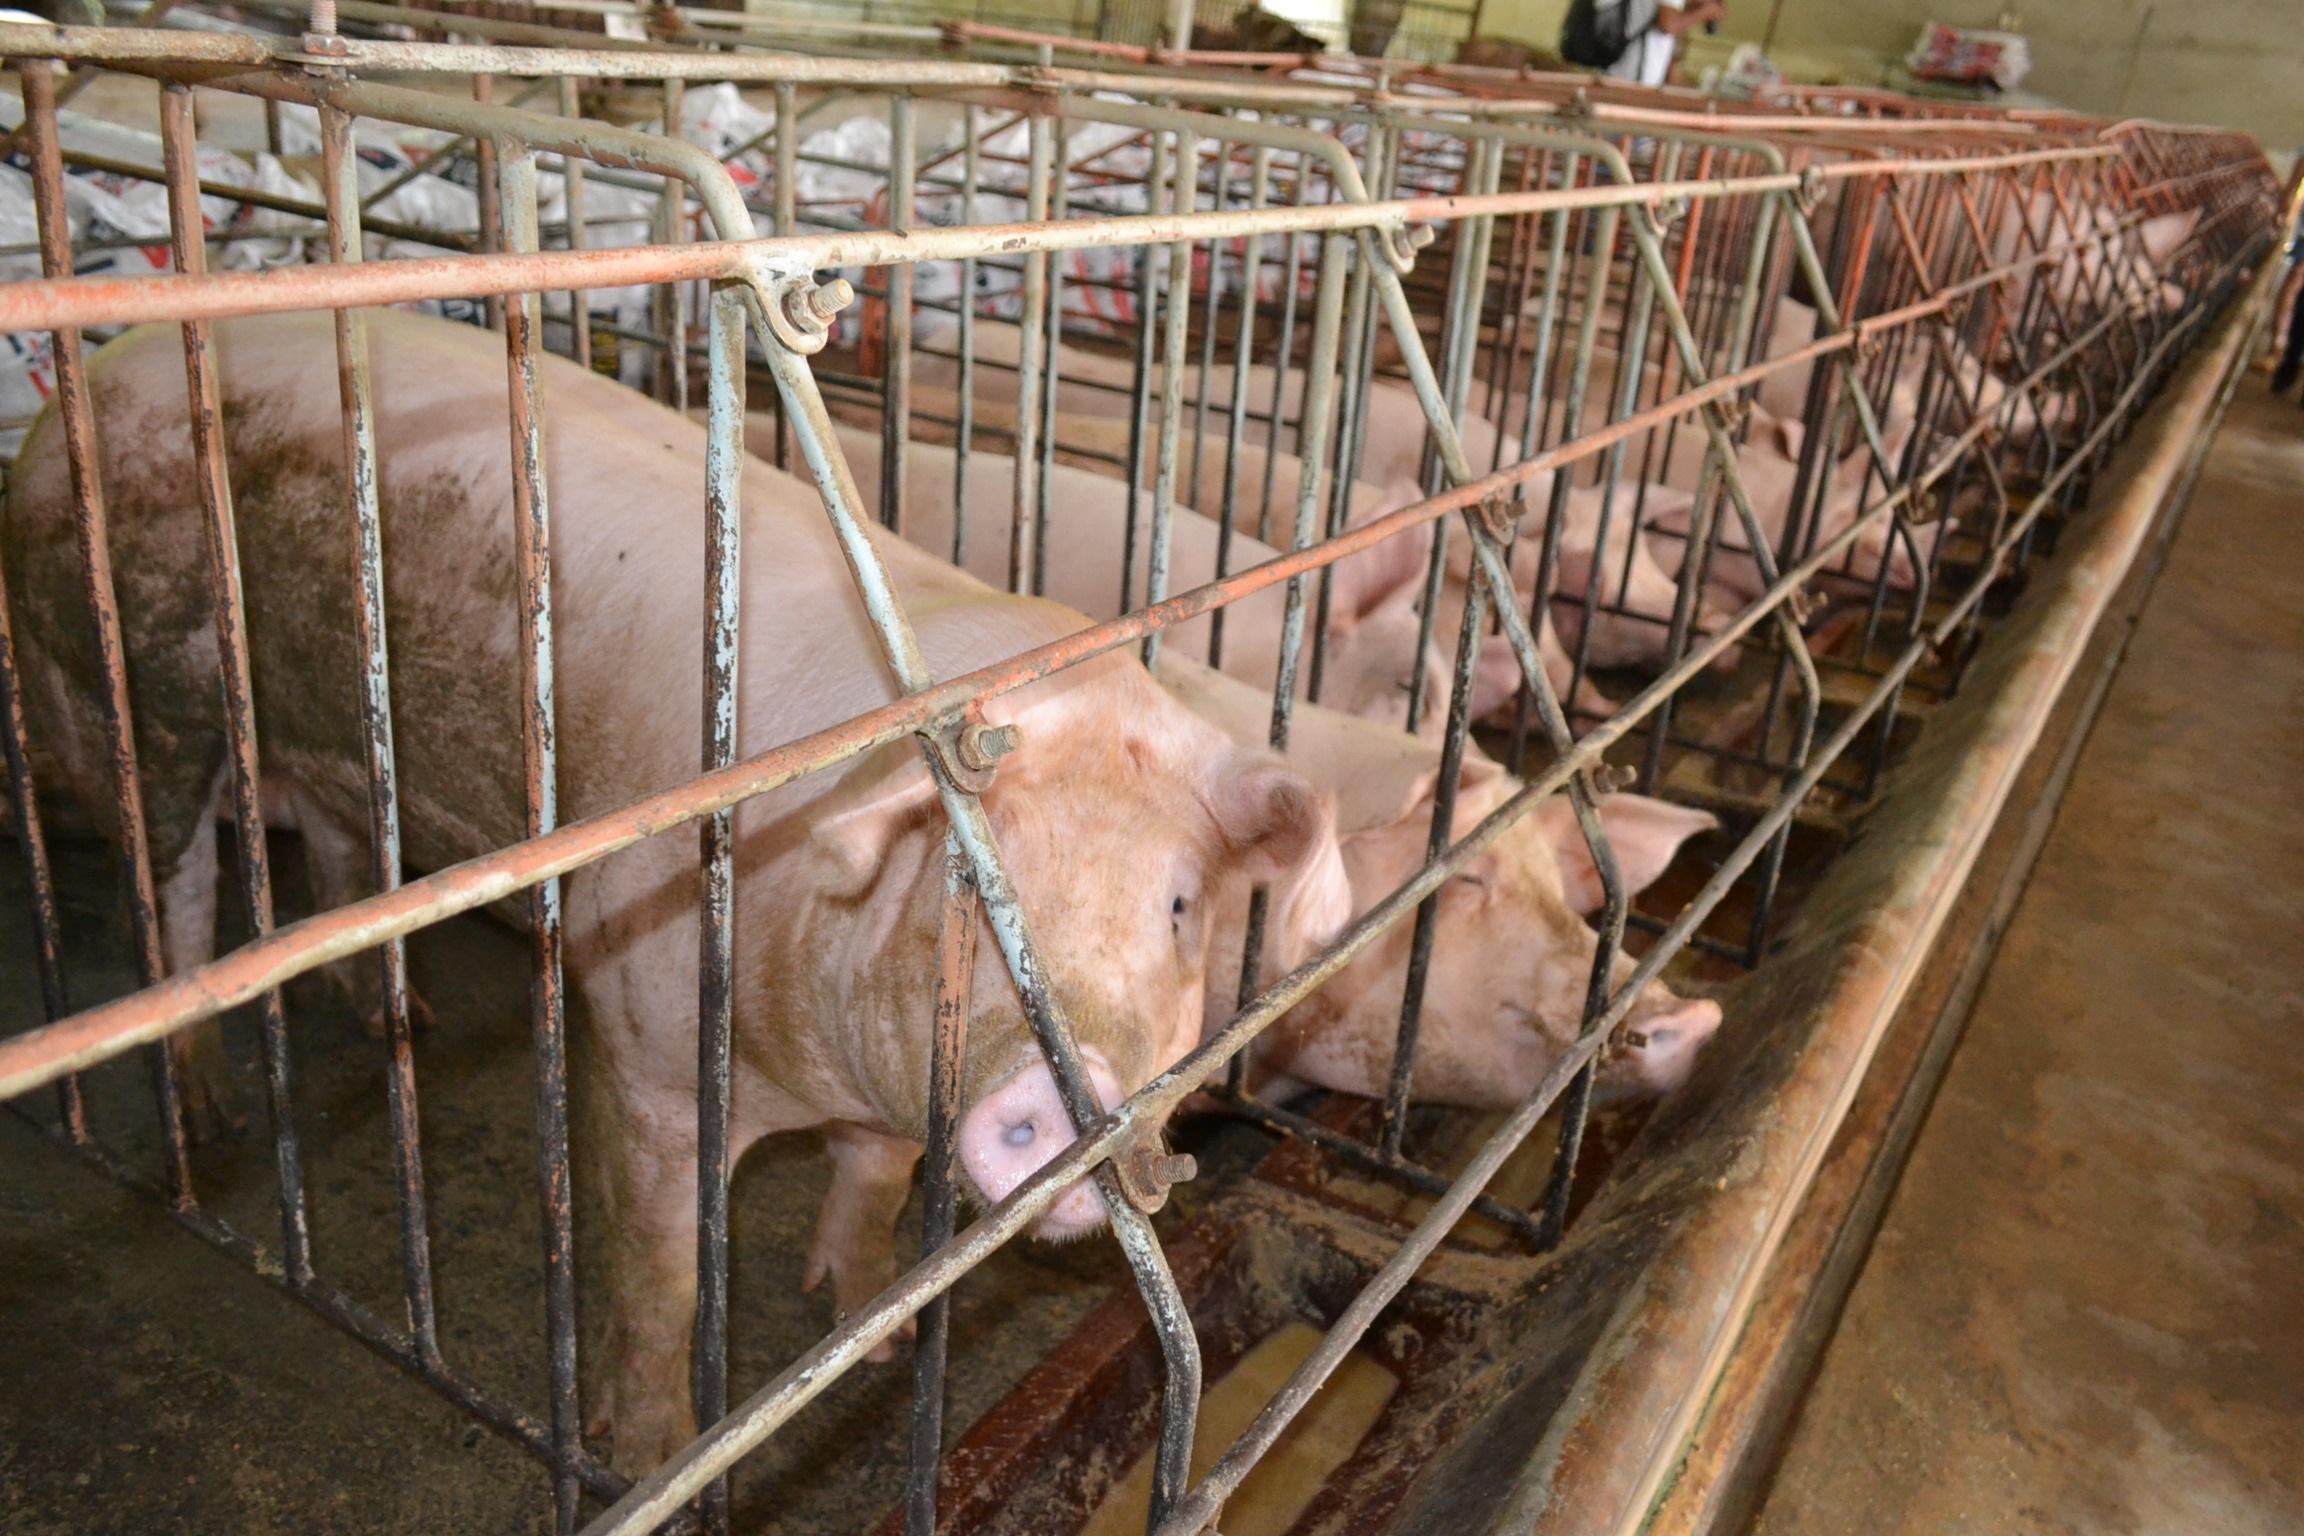 Gần 1.000 con heo tại Đồng Nai lại bị phát hiện sử dụng chất cấm